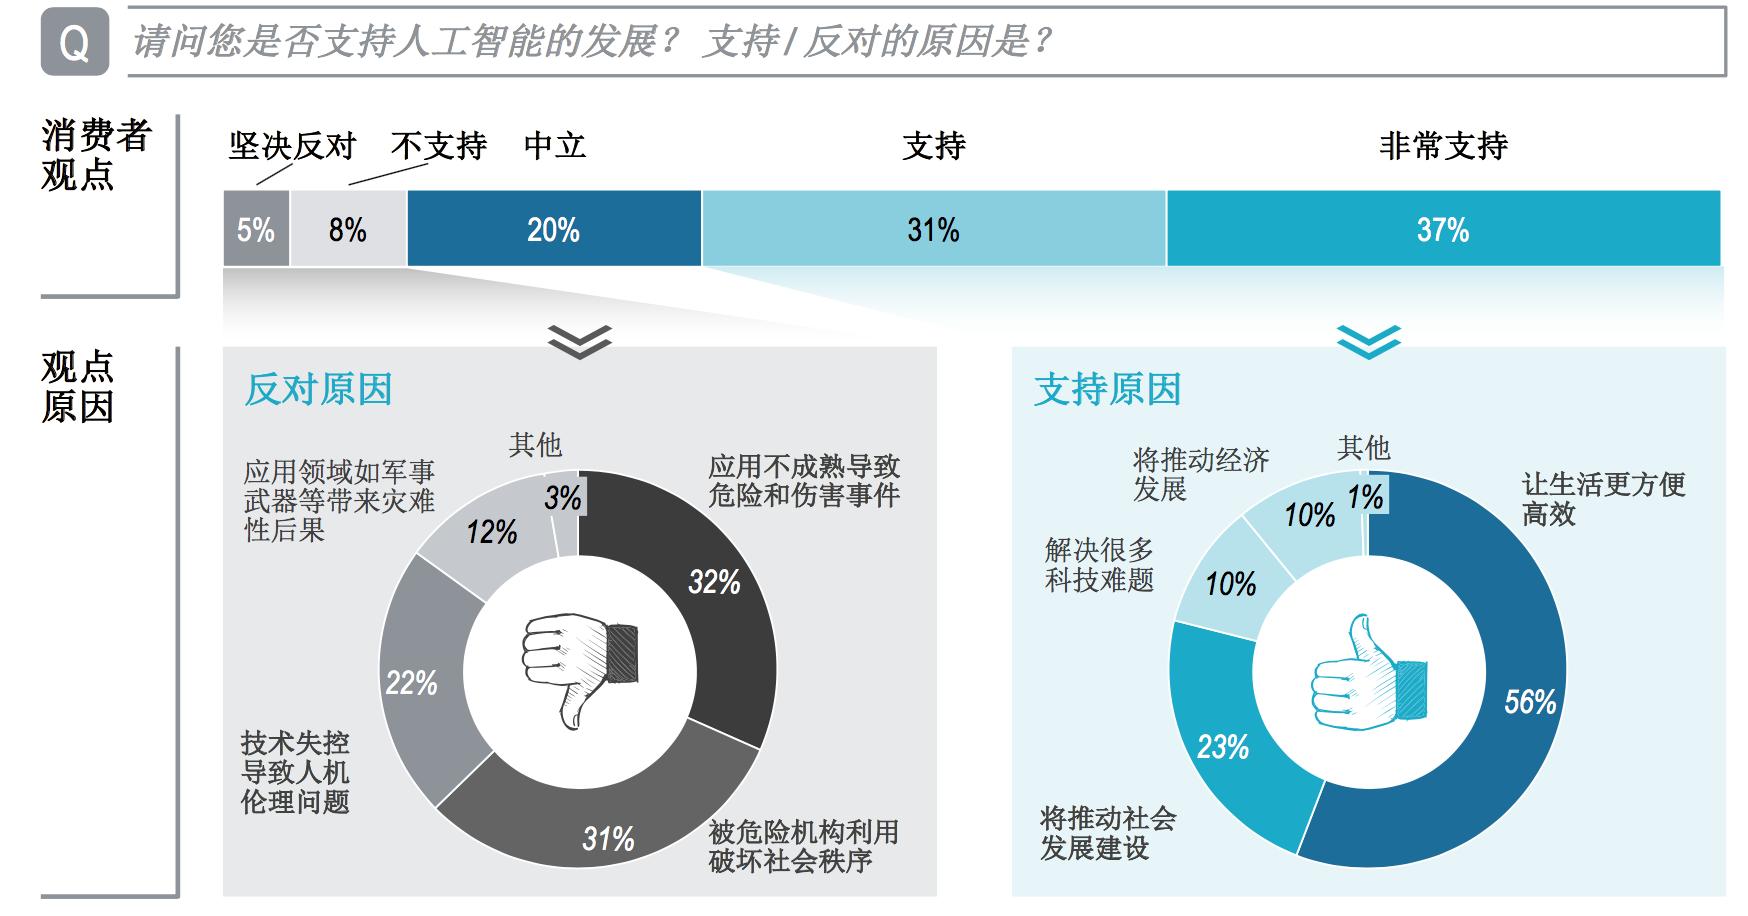 消费者对于人工智能的态度,图表来自《《中国汽车行业人工智能应用报告》